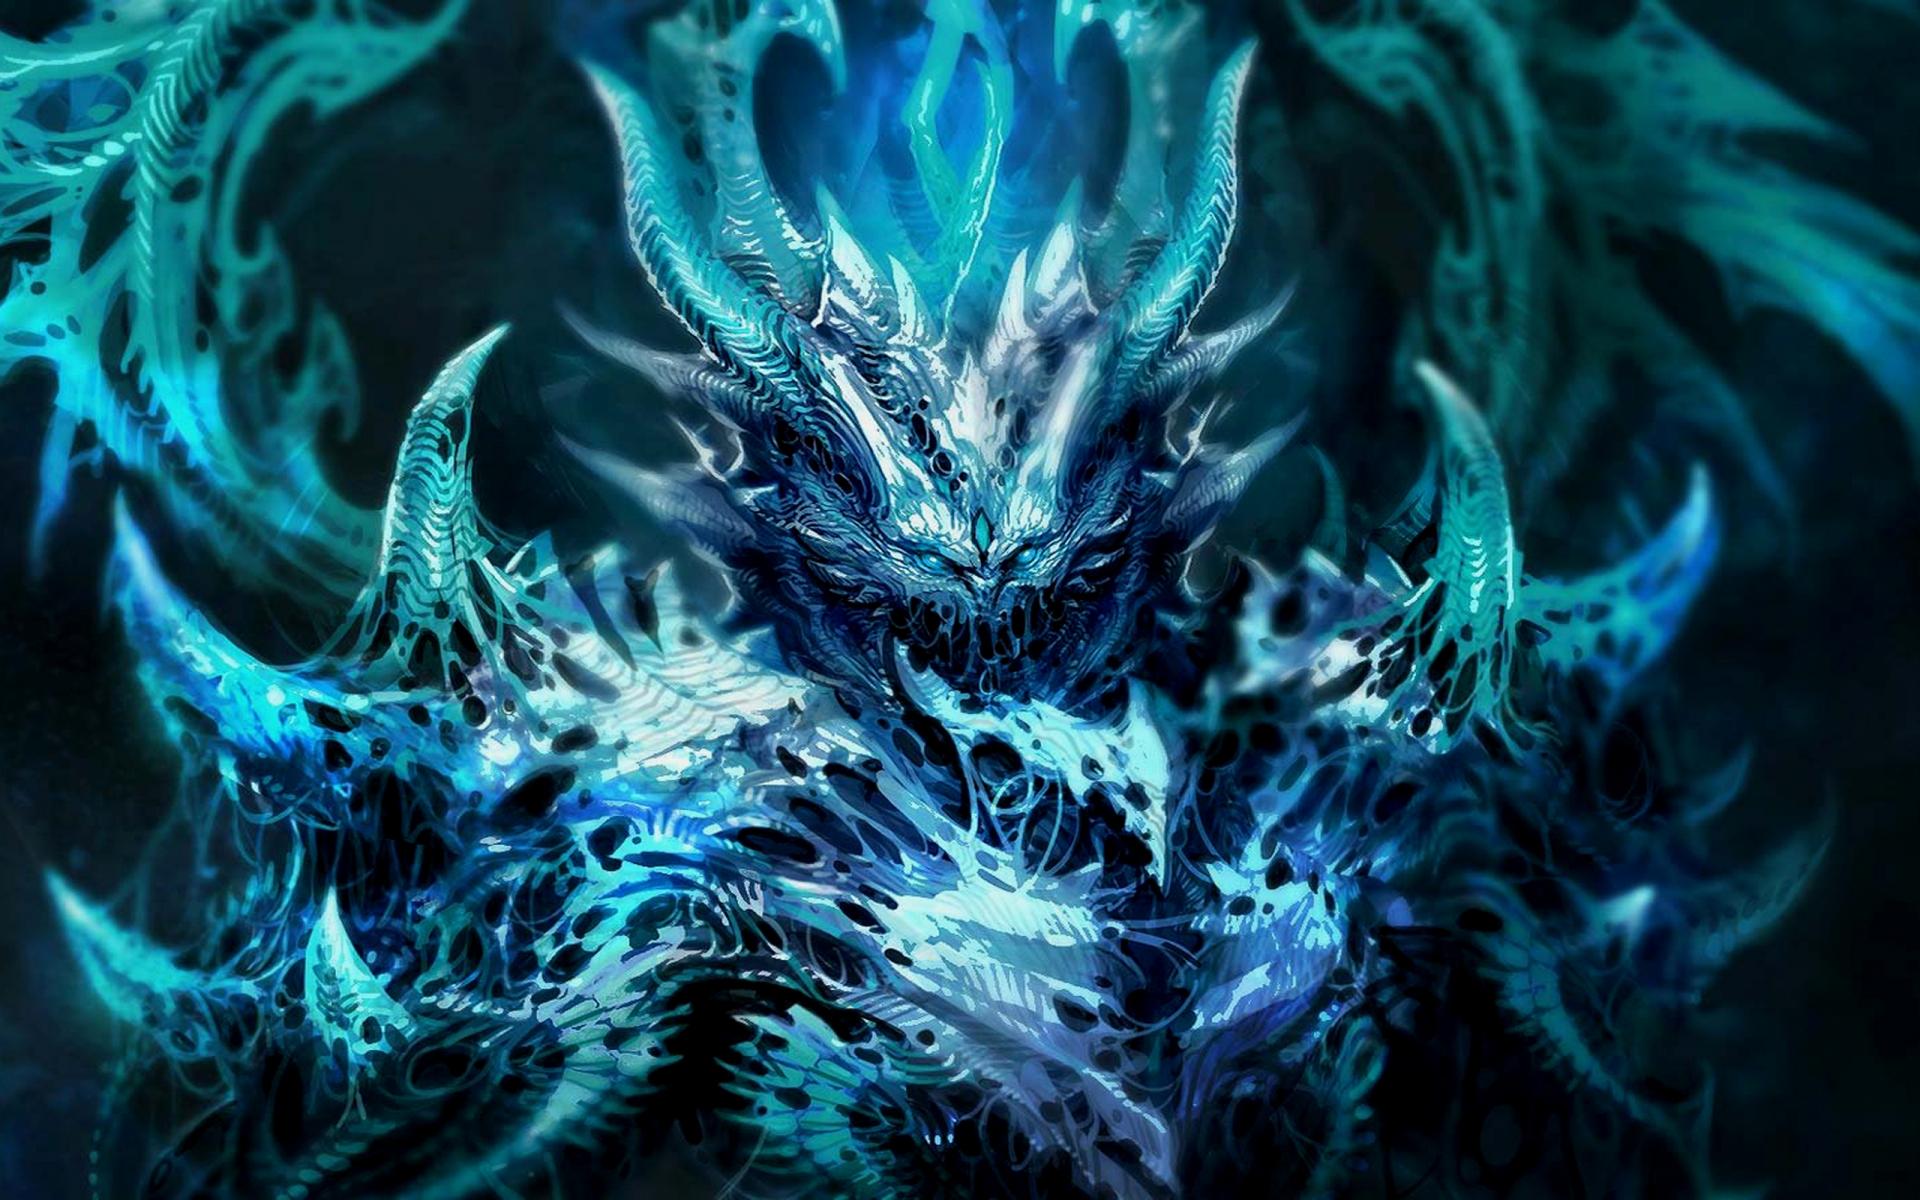 Dark Fantasy Demon Satan Angel Monster Creature 3d Magic